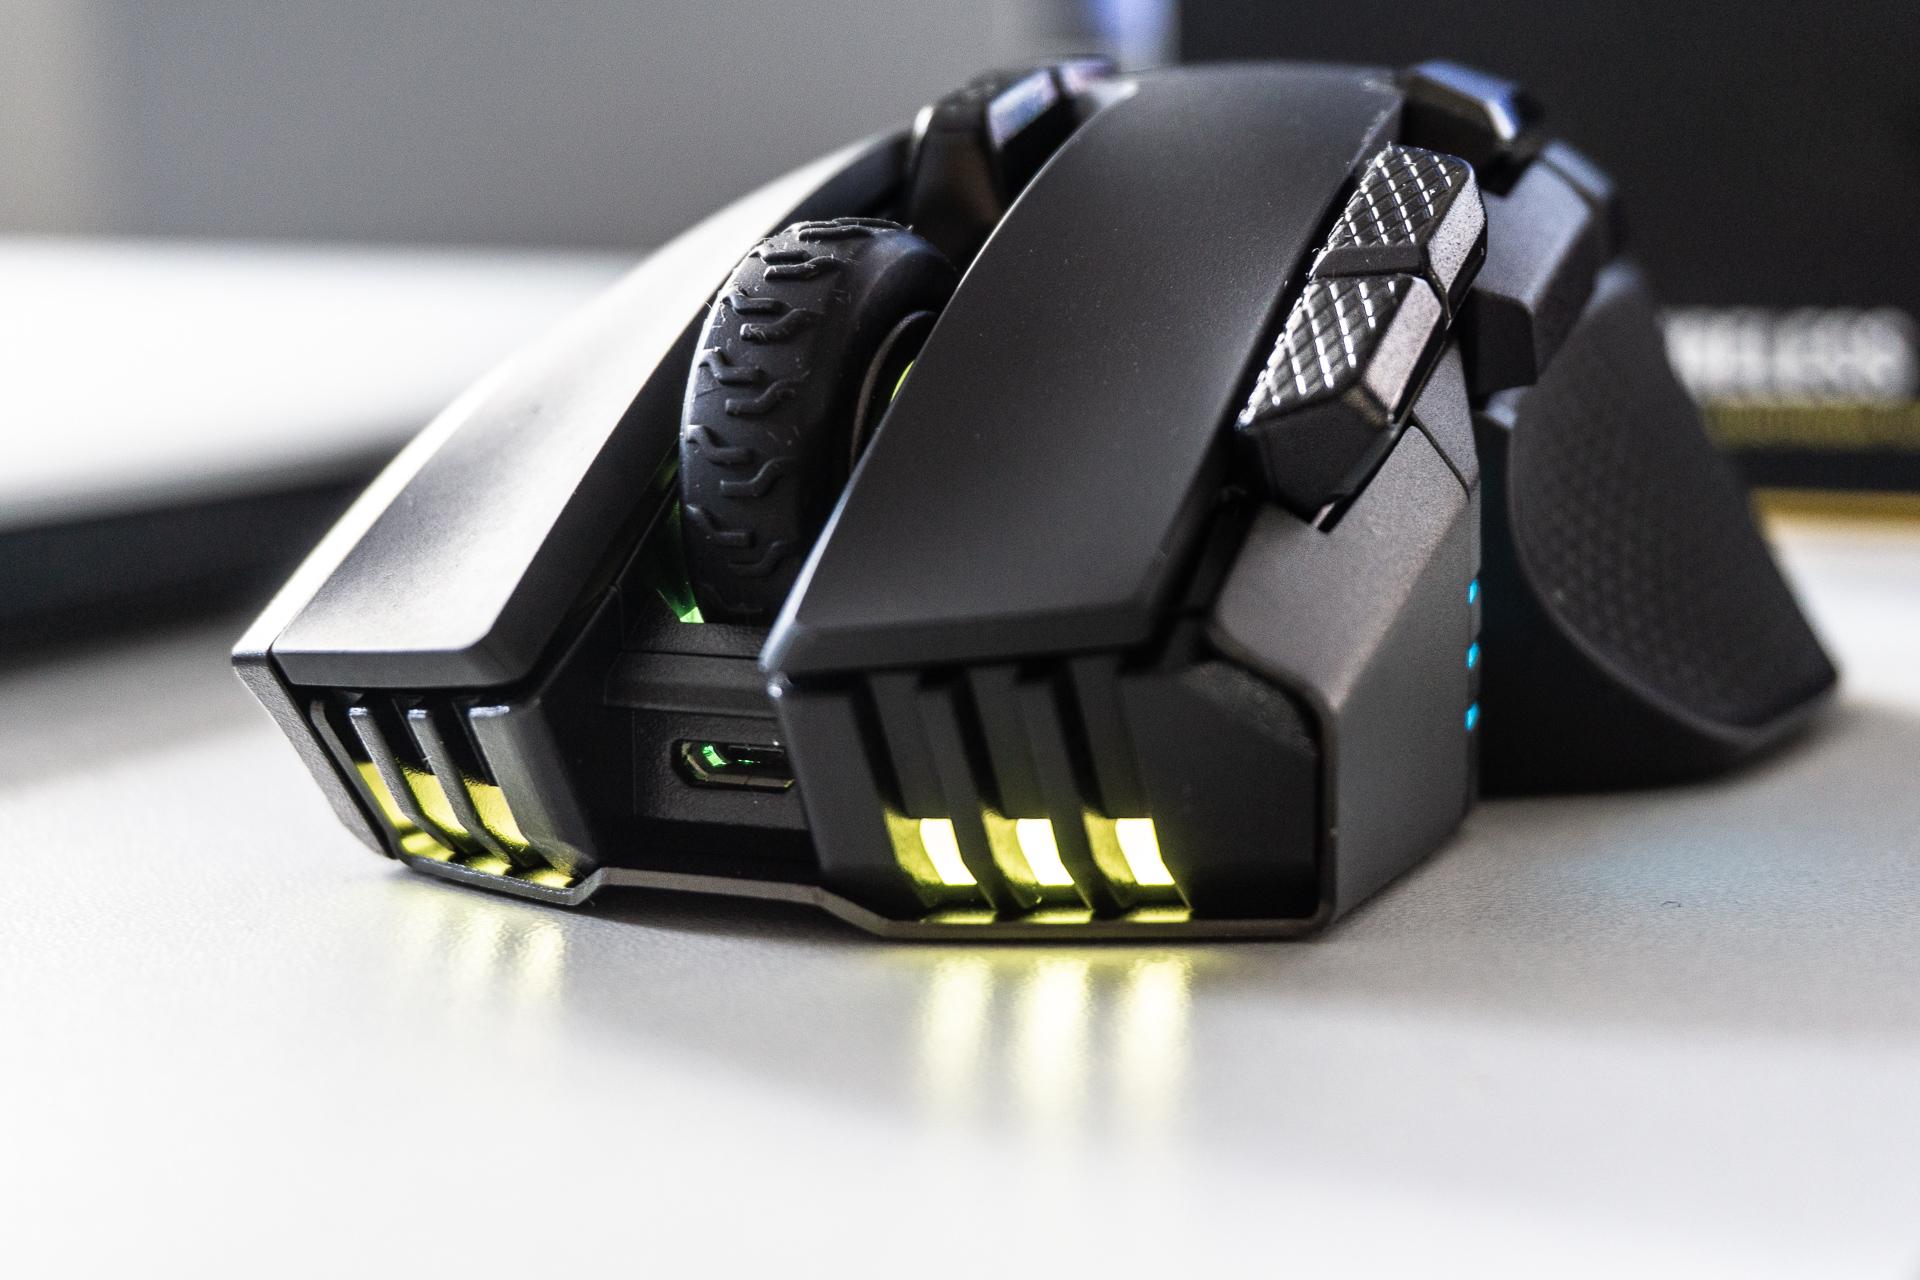 18000 DPI sentsorea, gehienez 10 botoia eta profil oso altua.  Corsair Ironclaw RGB Wireless - berrikuspena